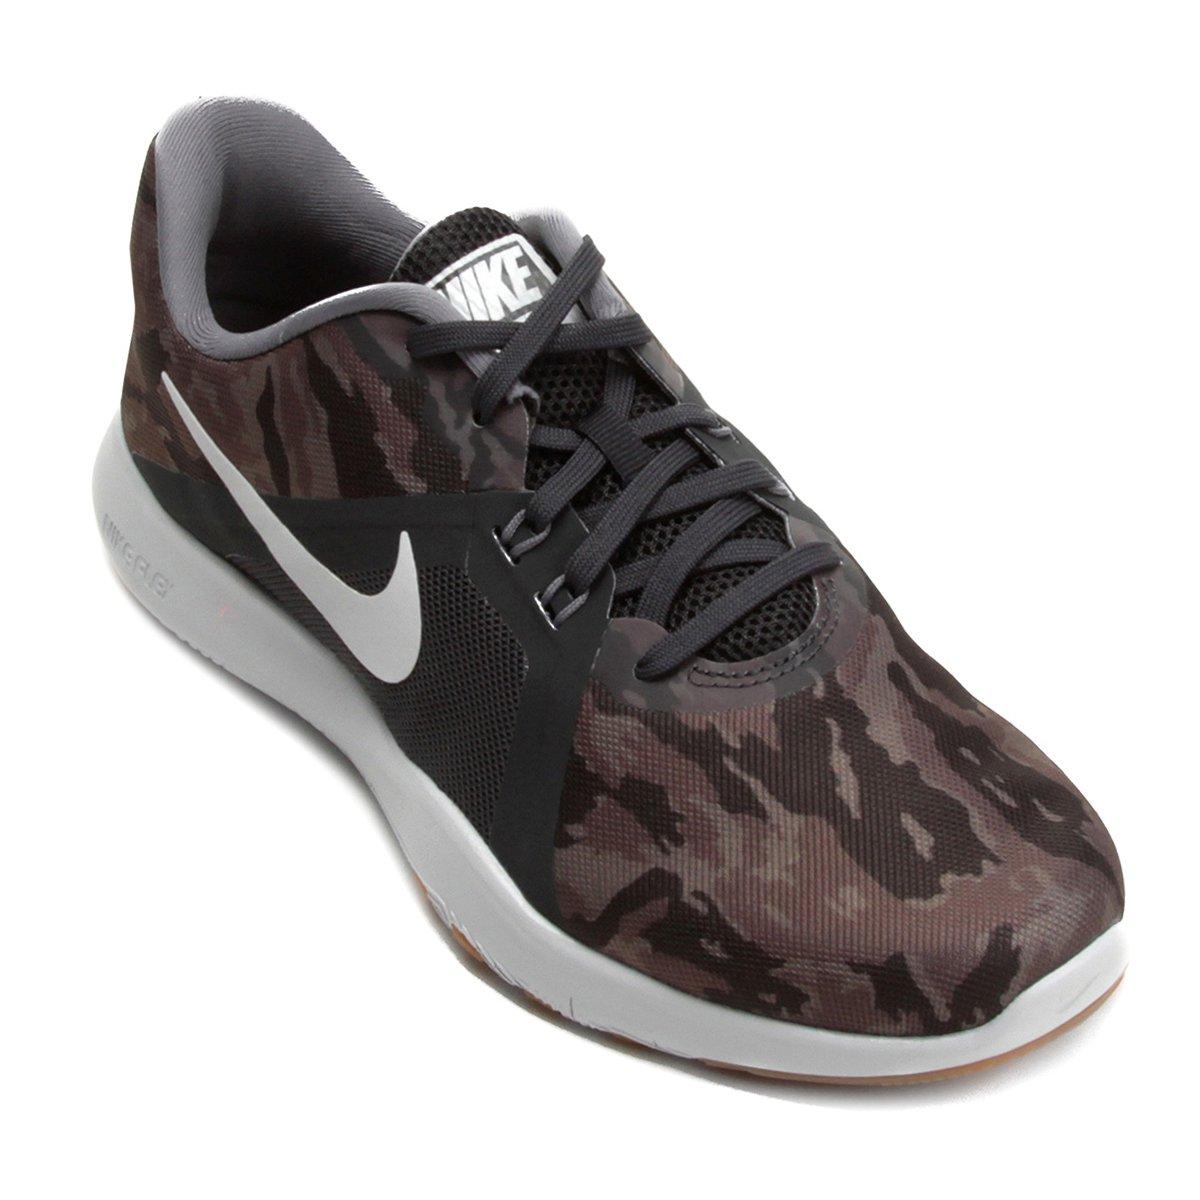 f59135fe03 Tênis Nike Flex Trainer 8 Print Feminino - Cinza e Prata - Compre Agora